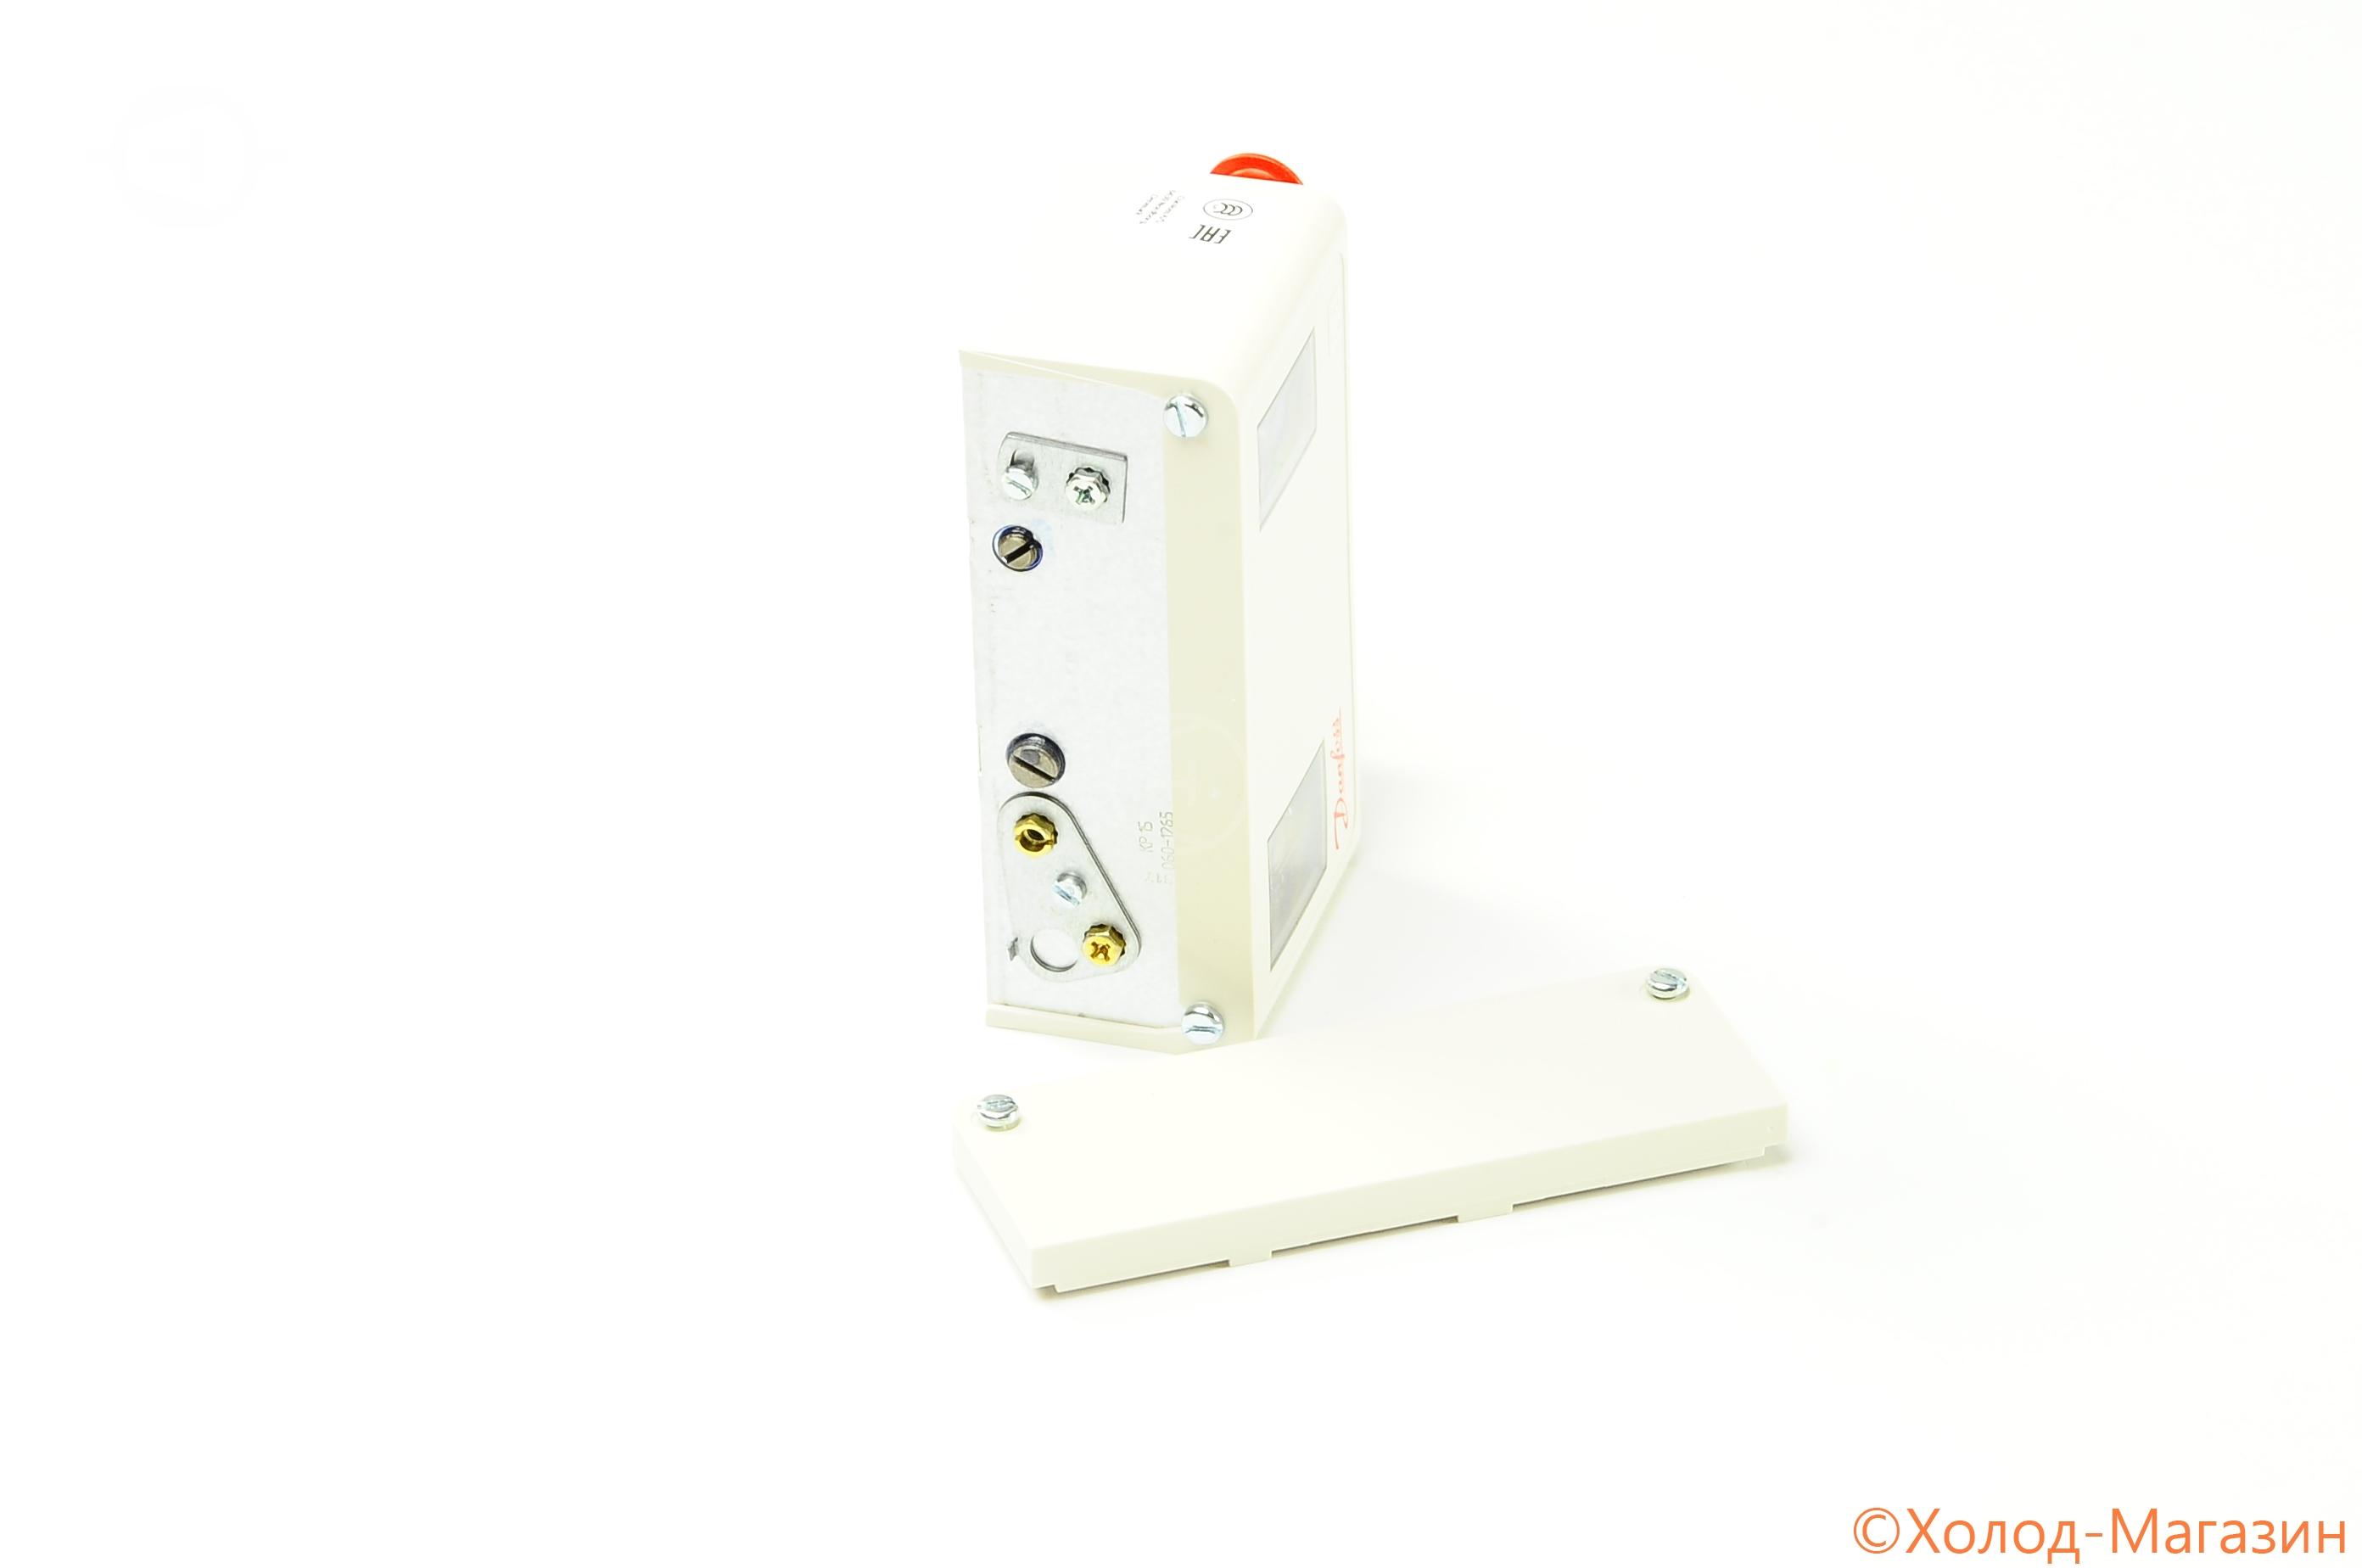 Реле давления (прессостат) KP15 (сброс авт. HP/LP) сигнал LP, IP44, Danfoss